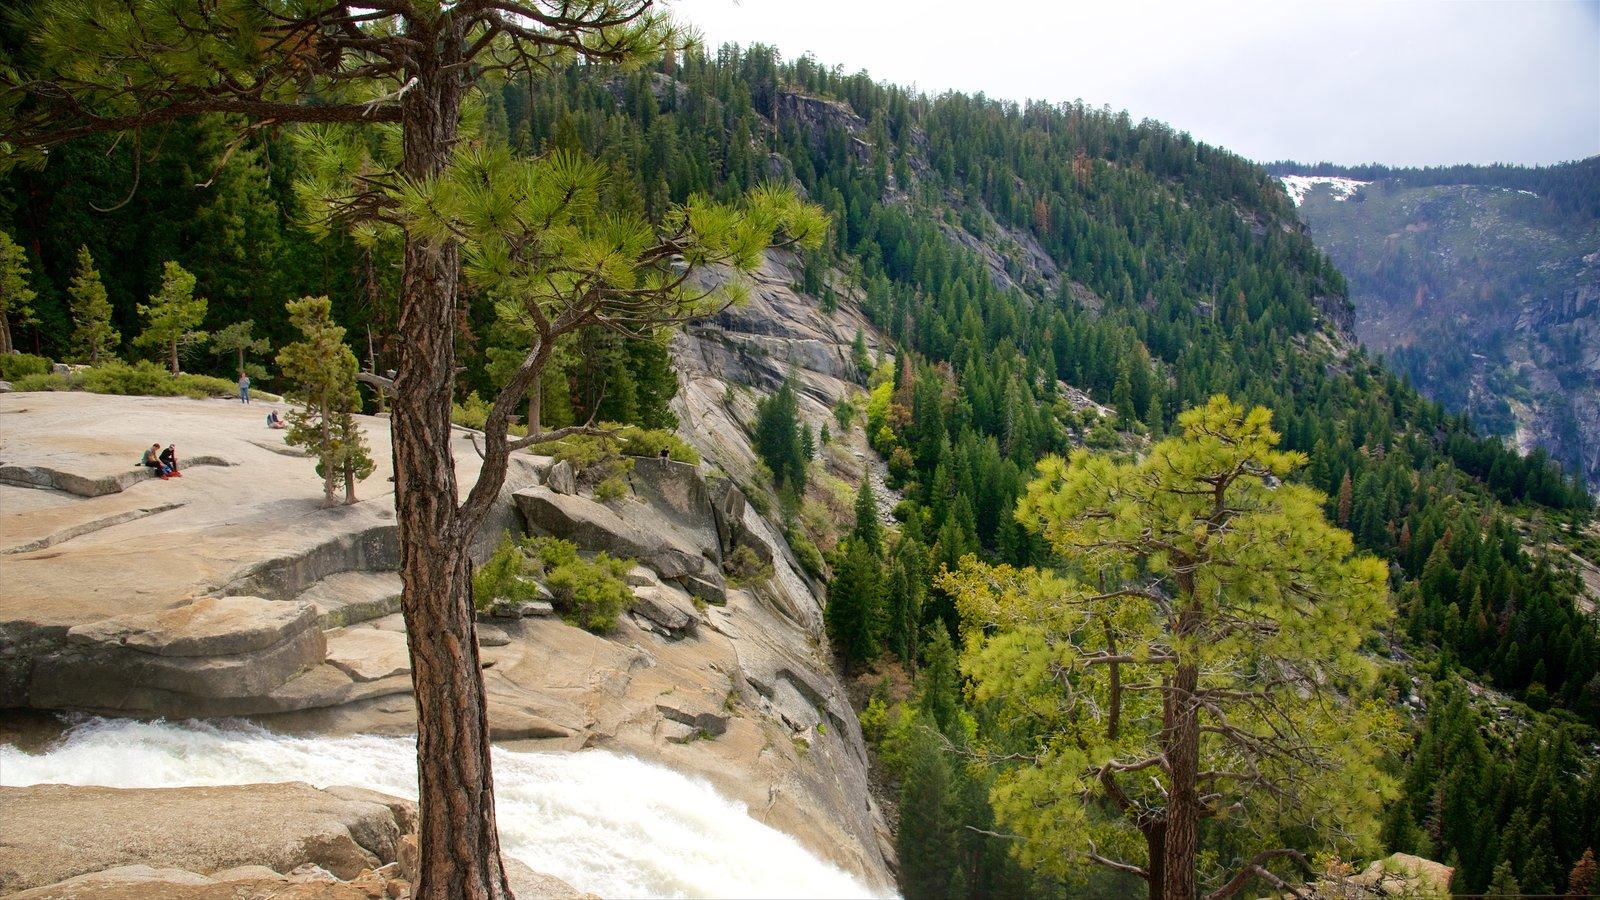 Nevada Falls caracterizando florestas, um desfiladeiro ou canyon e uma cascata